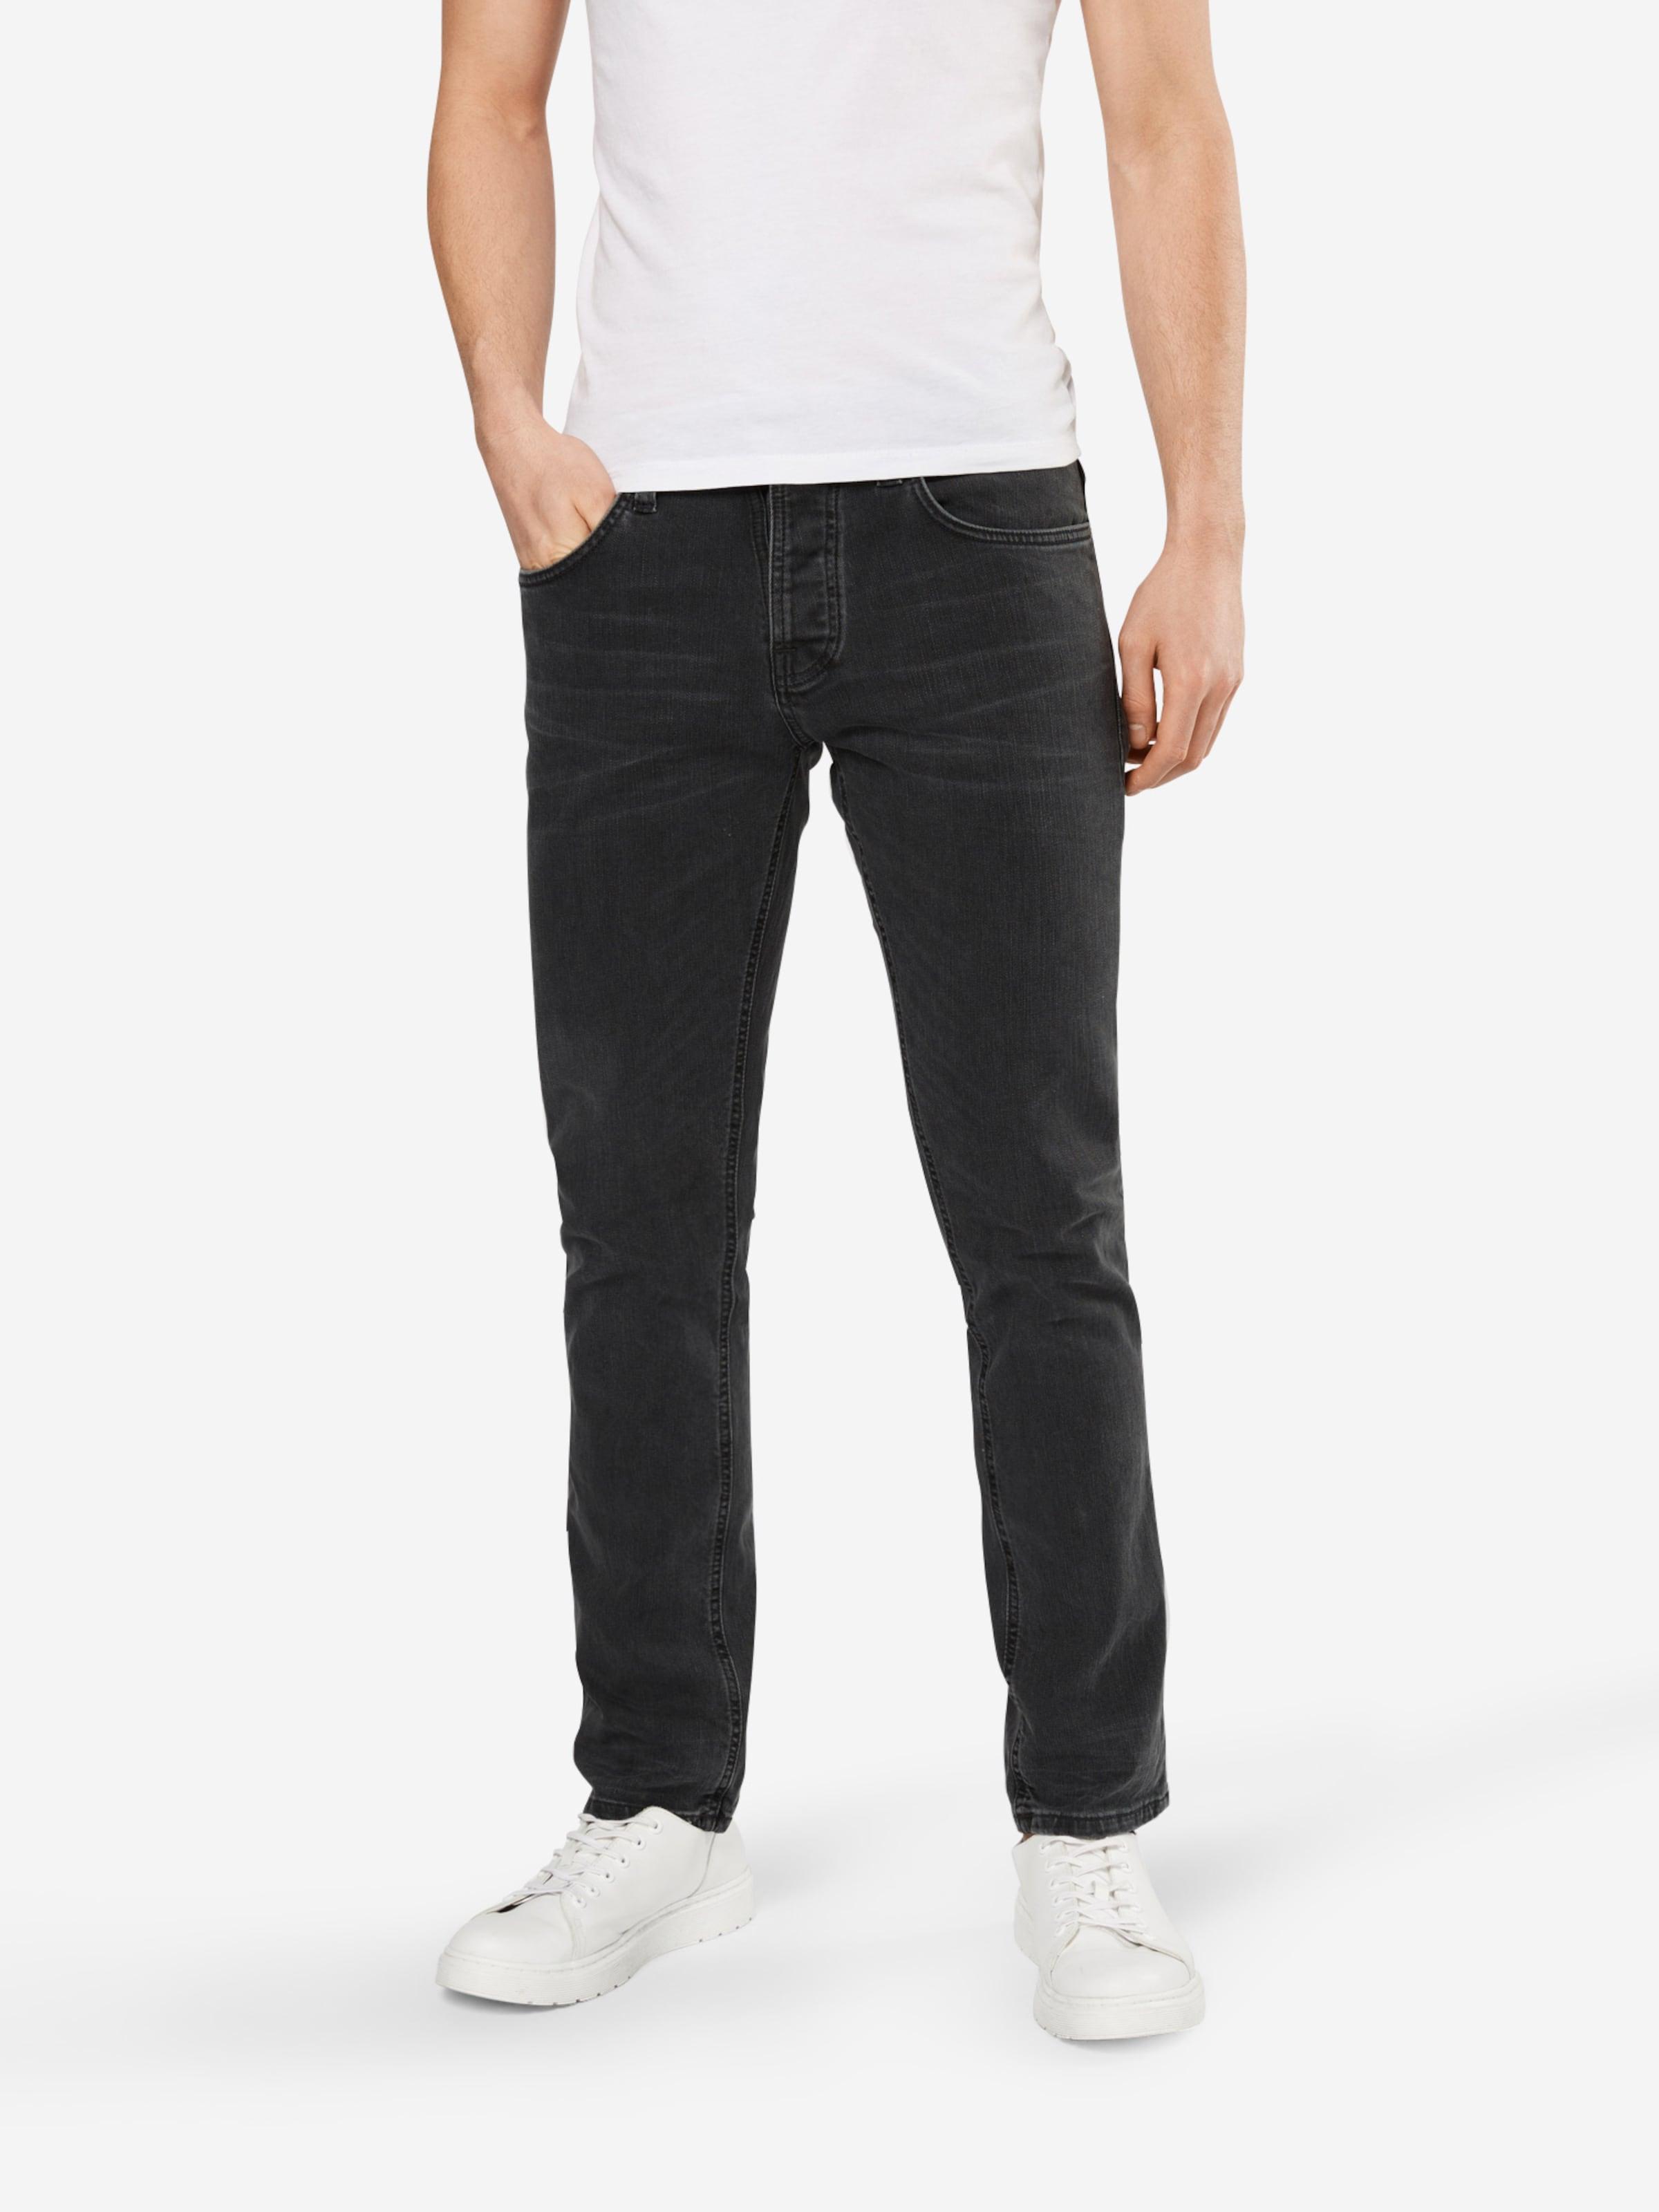 Bester Verkauf Wie Viel Nudie Jeans Co Jeans 'Grim Tim' Günstig Kaufen Neue Ankunft Am Billigsten ECuMLIGk9